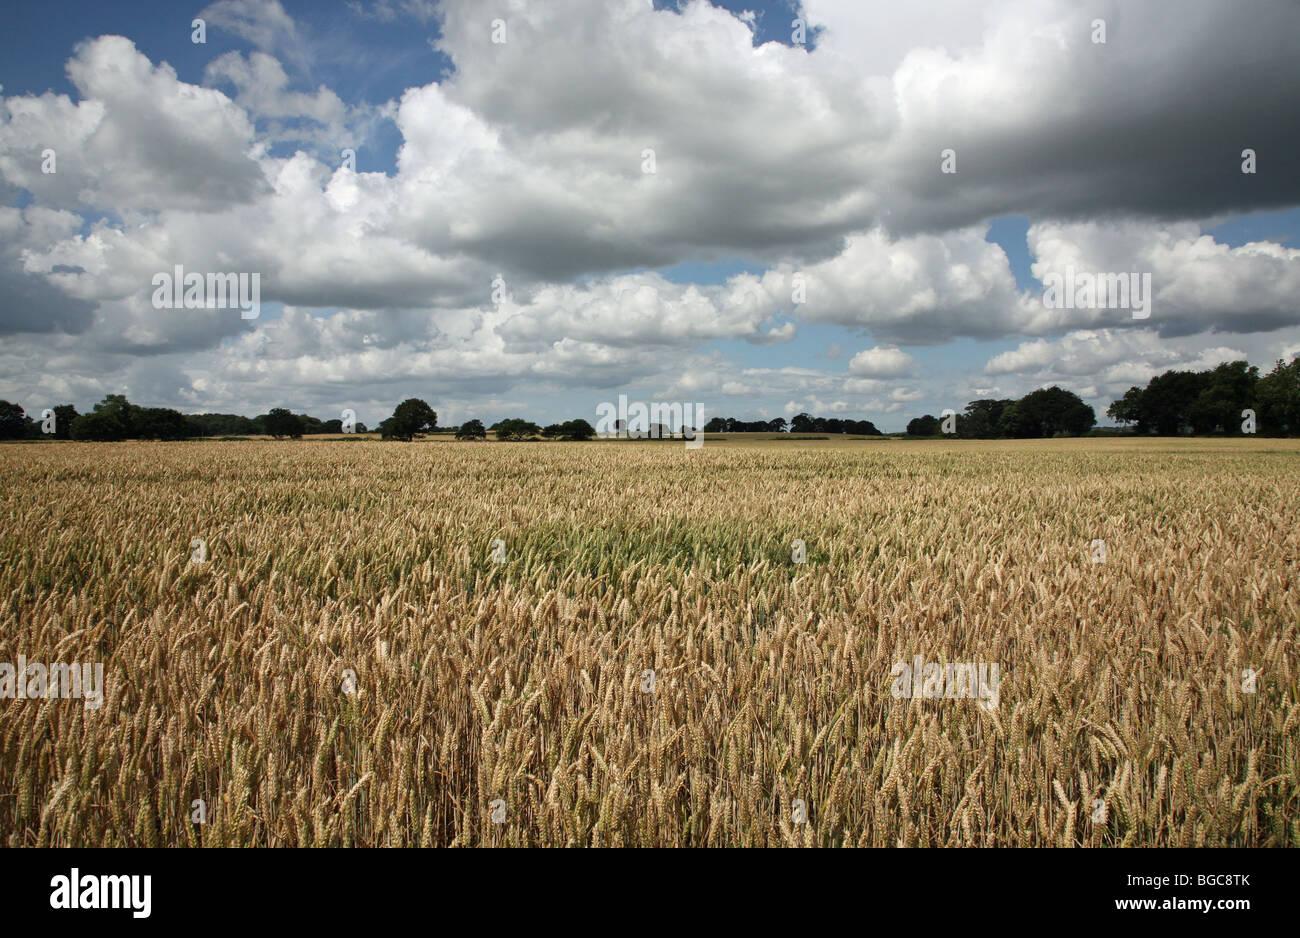 Un campo di orzo nel Cheshire England su una giornata d'estate con cielo blu e nuvole bianche Immagini Stock